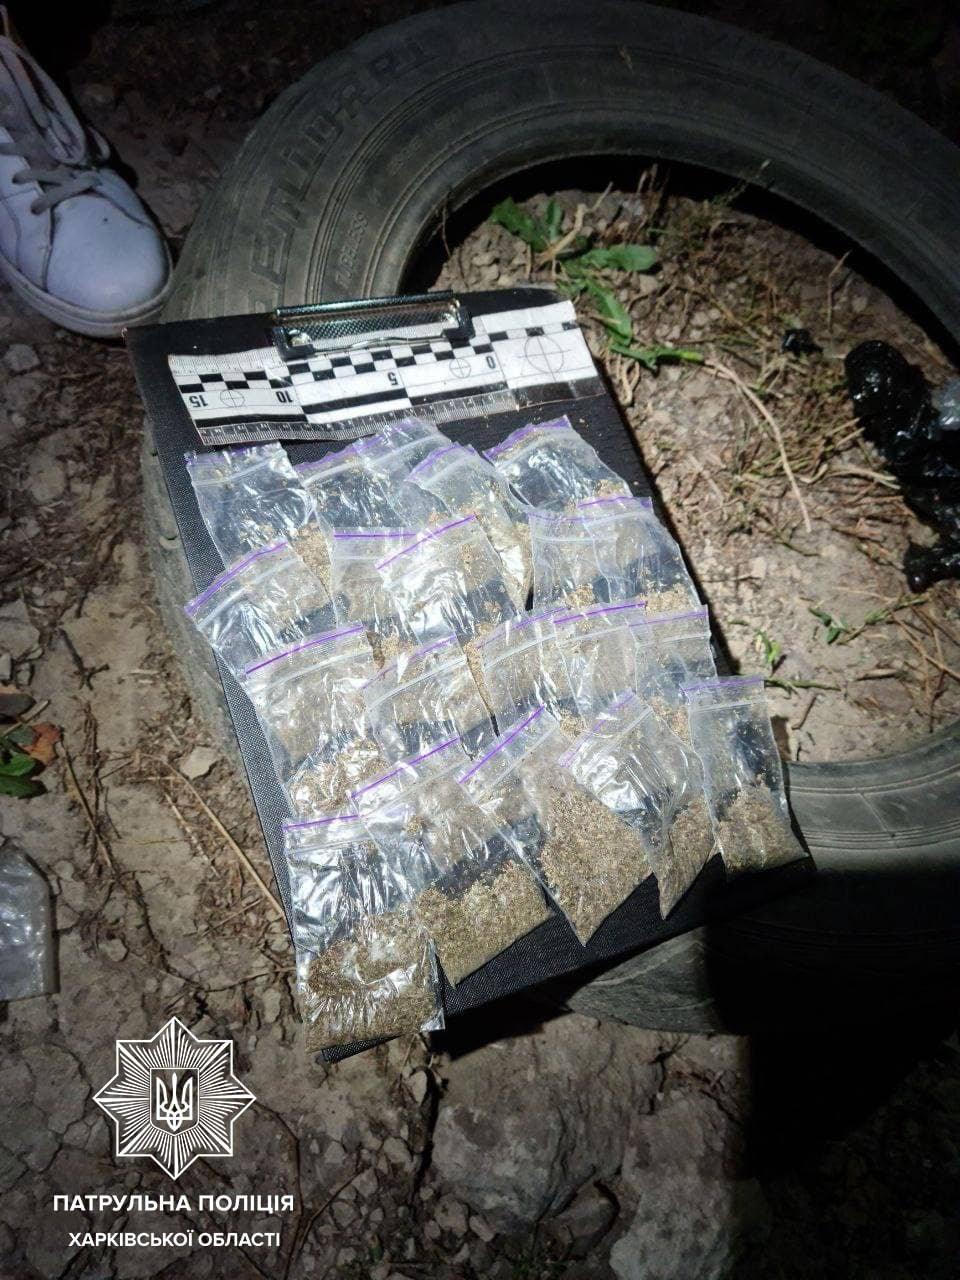 Прикапывали наркотики в землю: в Харькове полицейские задержали двух «закладчиков», - ФОТО, фото-2